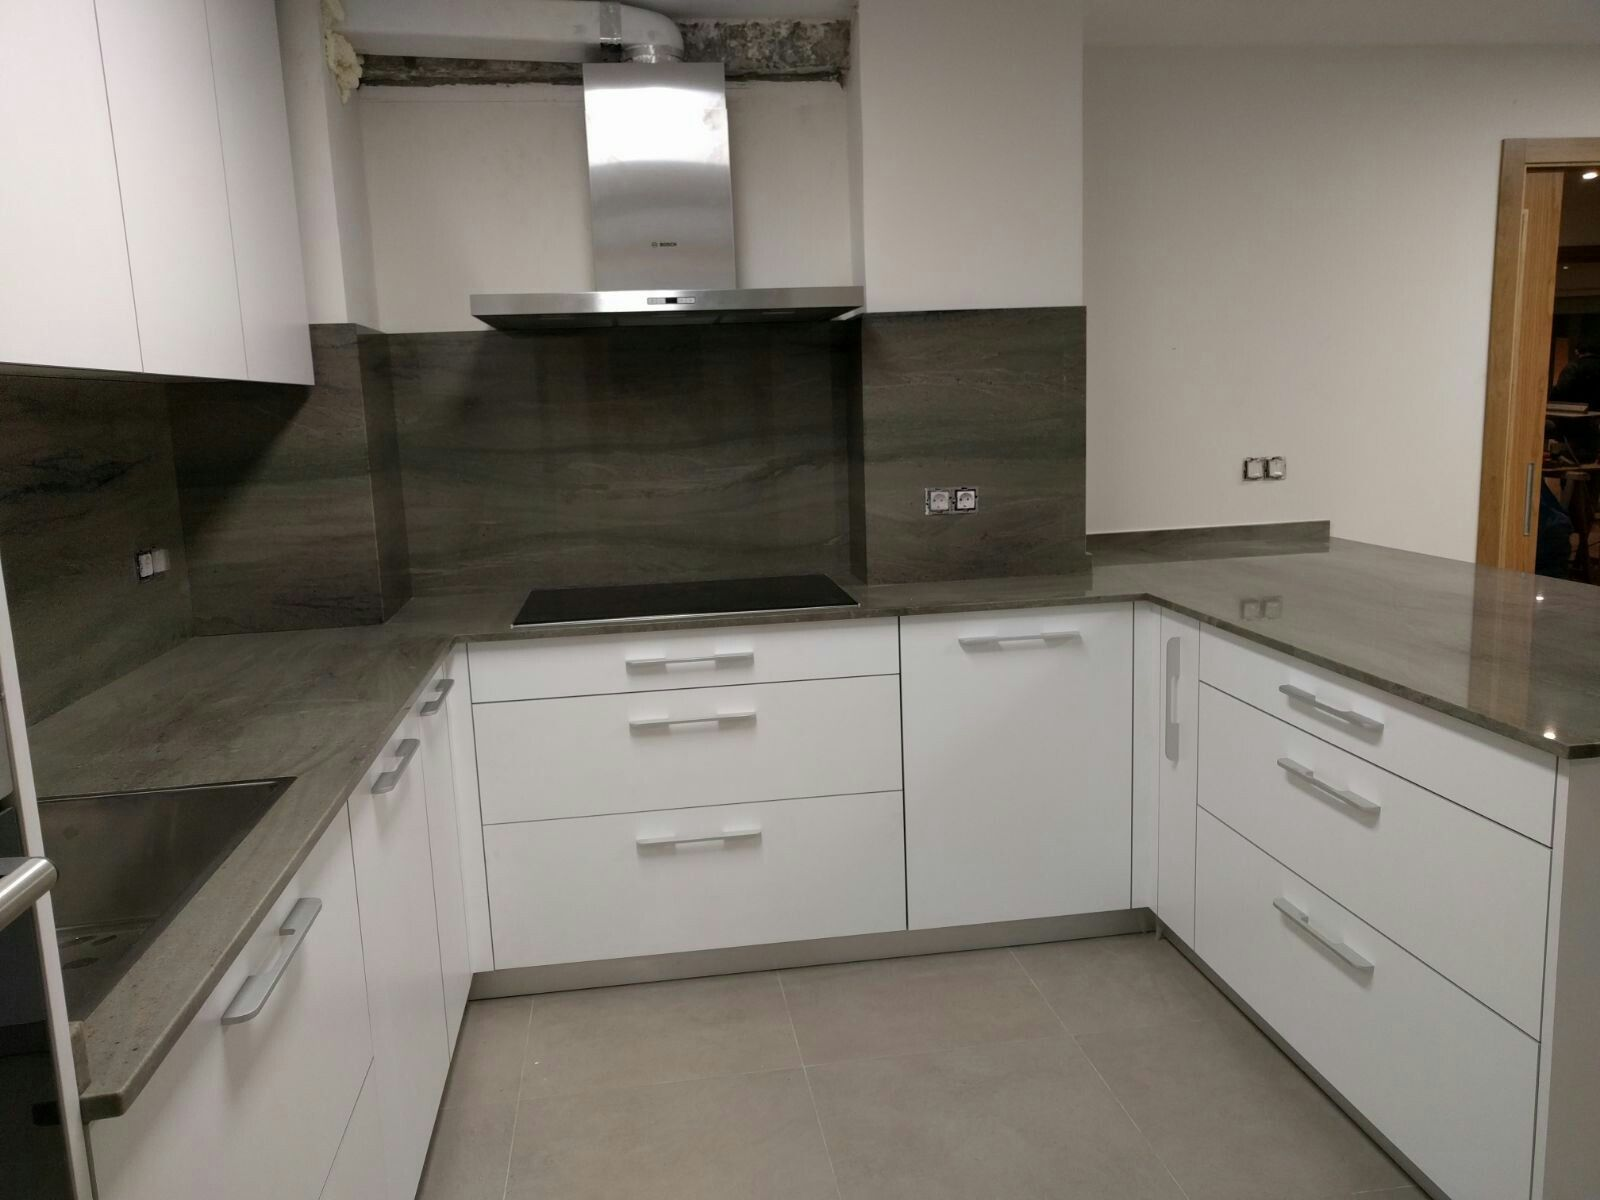 Cocina moderna blanco con encimera y frente en granito - Cocinas espectaculares modernas ...